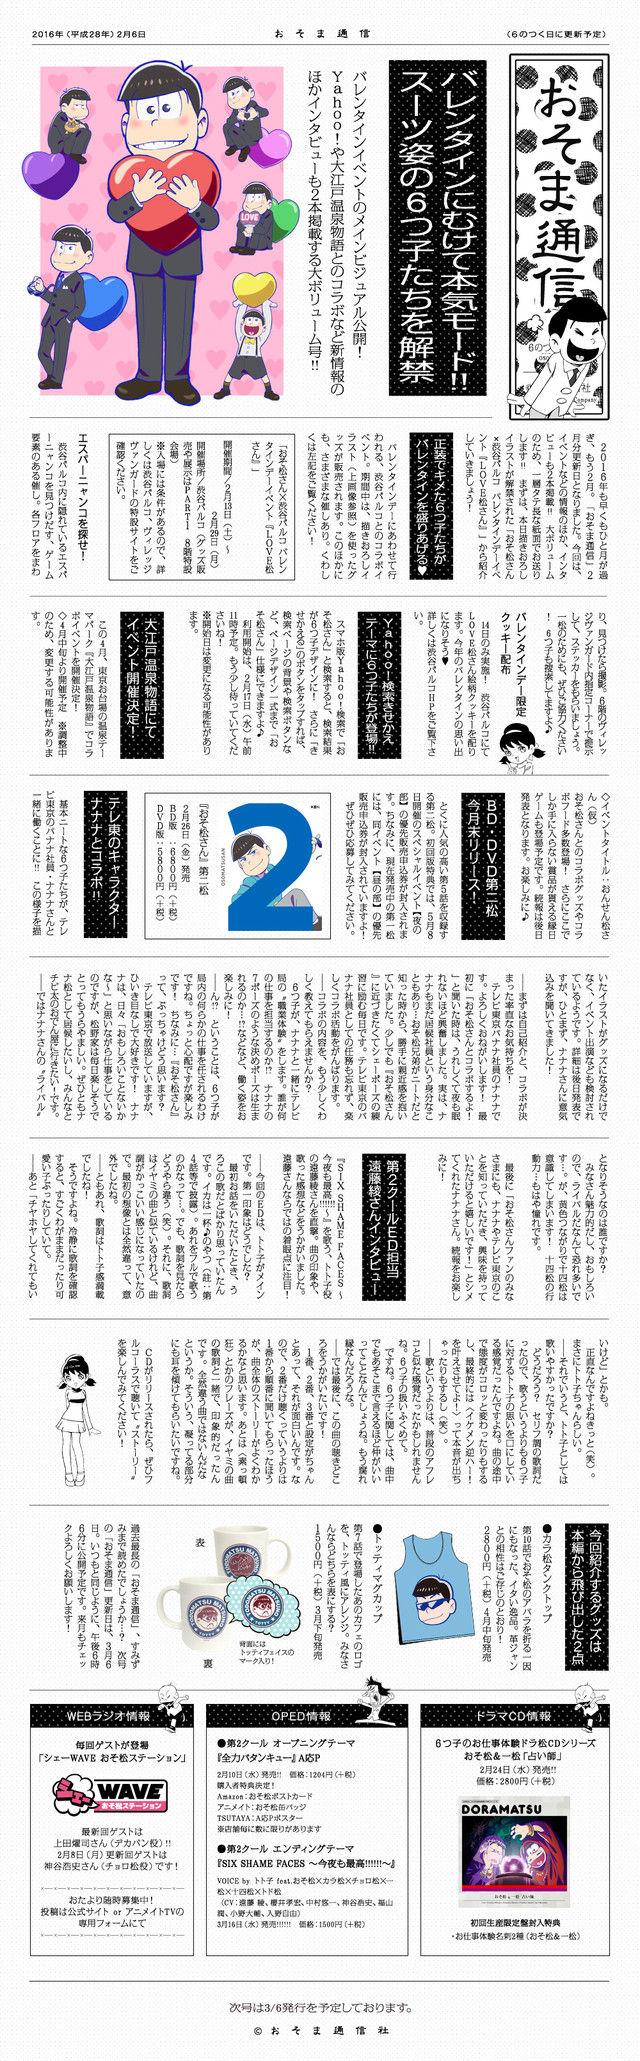 news_xlarge_osomatsushin0206